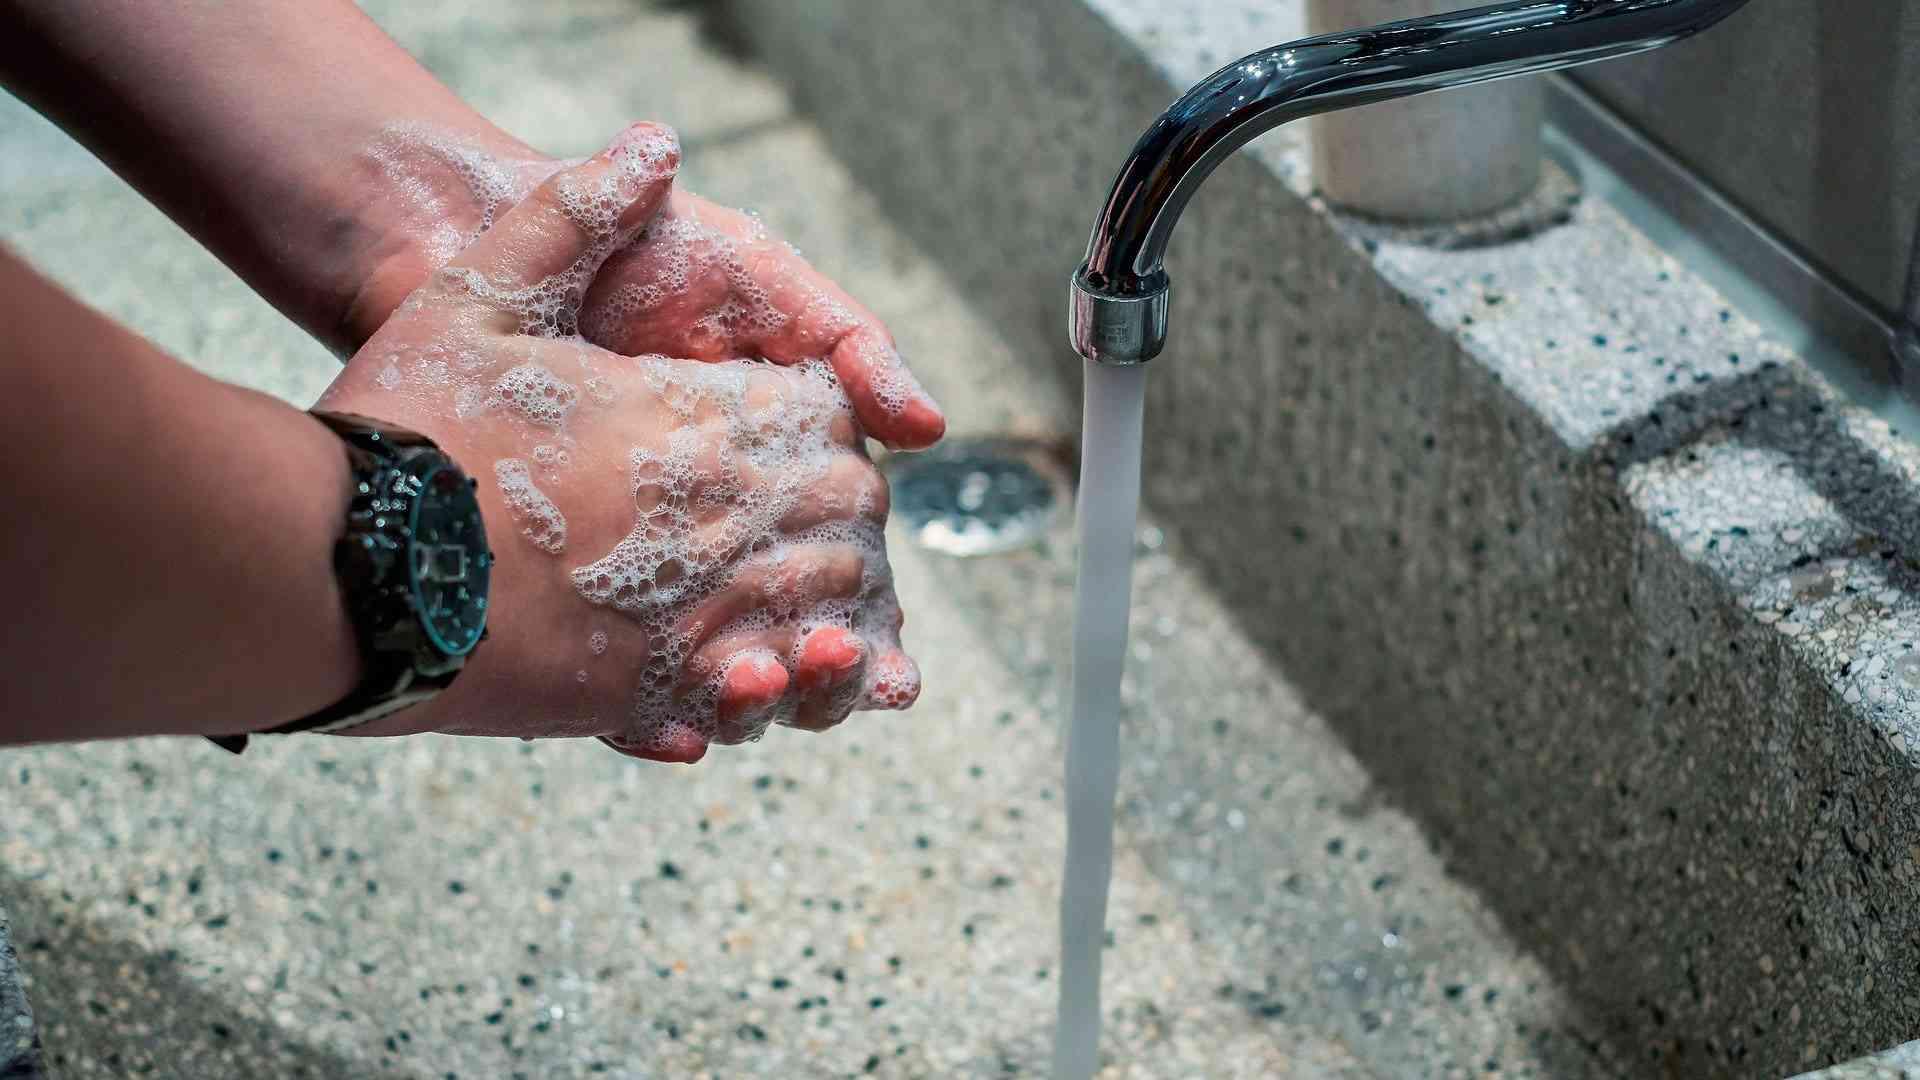 Может ли частое мытье рук ослабить иммунитет?